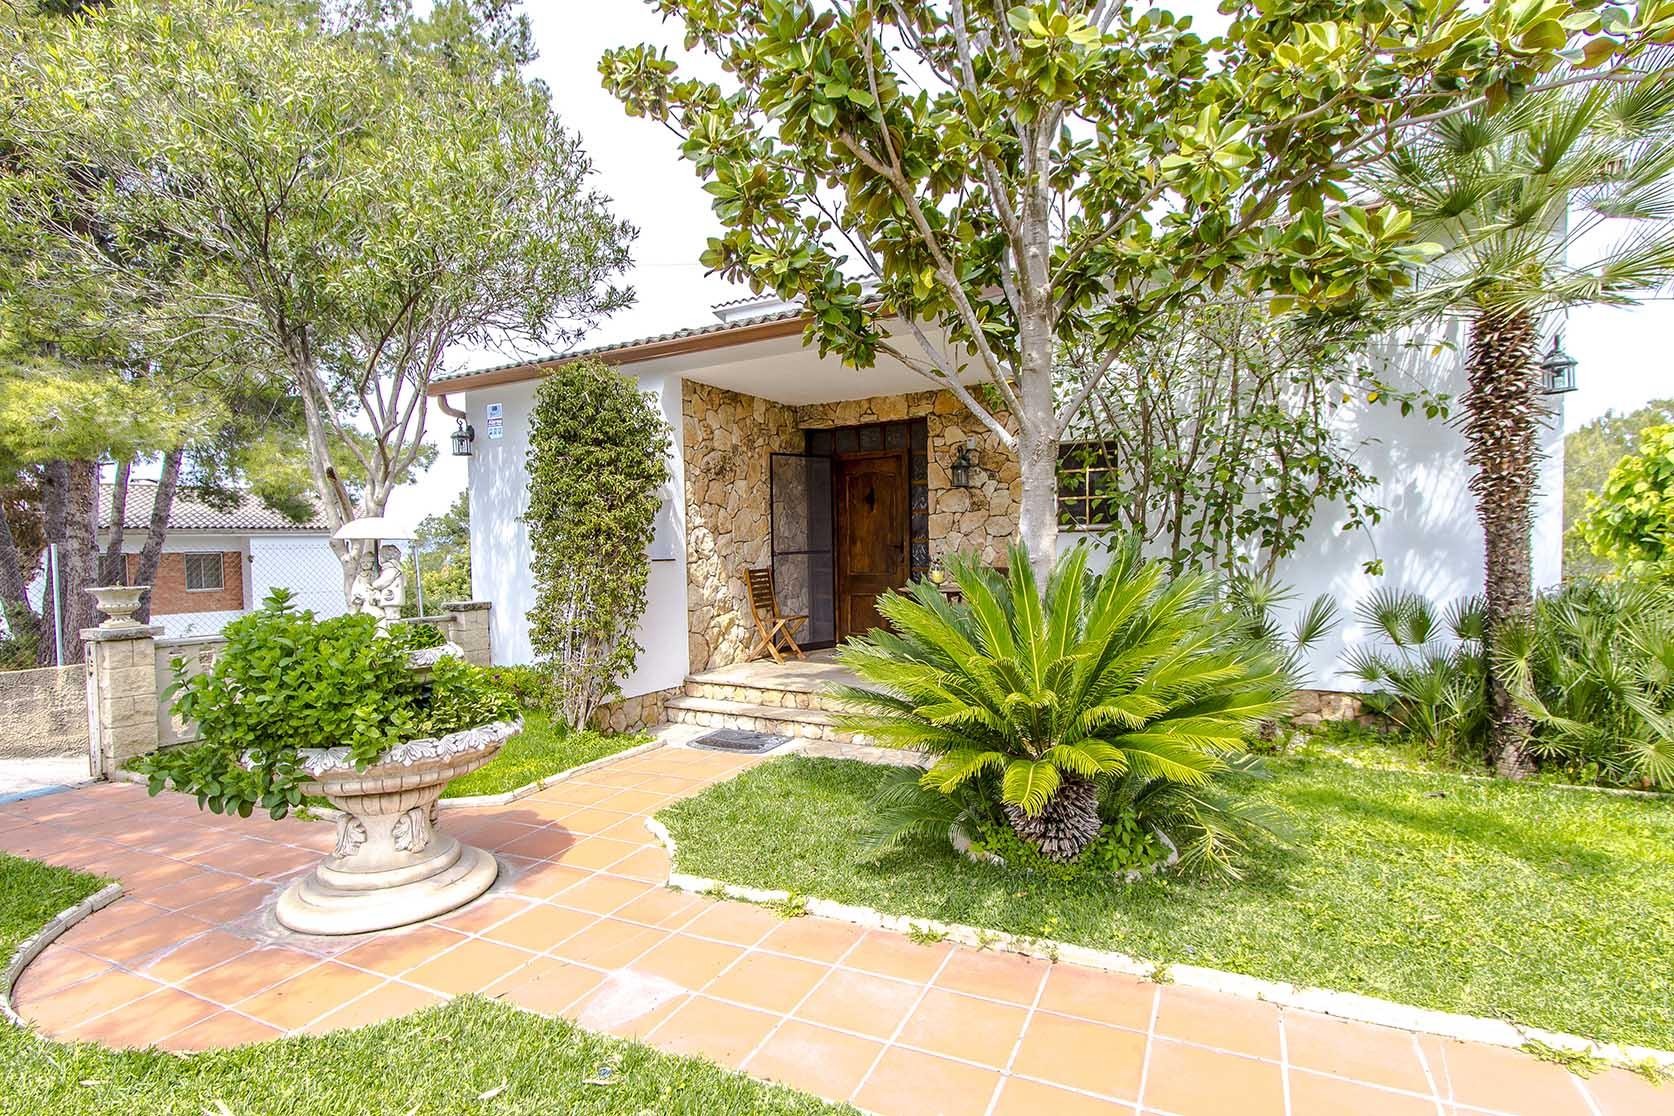 Ferienhaus Catalunya Casas: Lovely villa in Castellet, only 10 min to Costa Dorada beaches! (1890850), Castellet i la Gornal, Costa del Garraf, Katalonien, Spanien, Bild 37